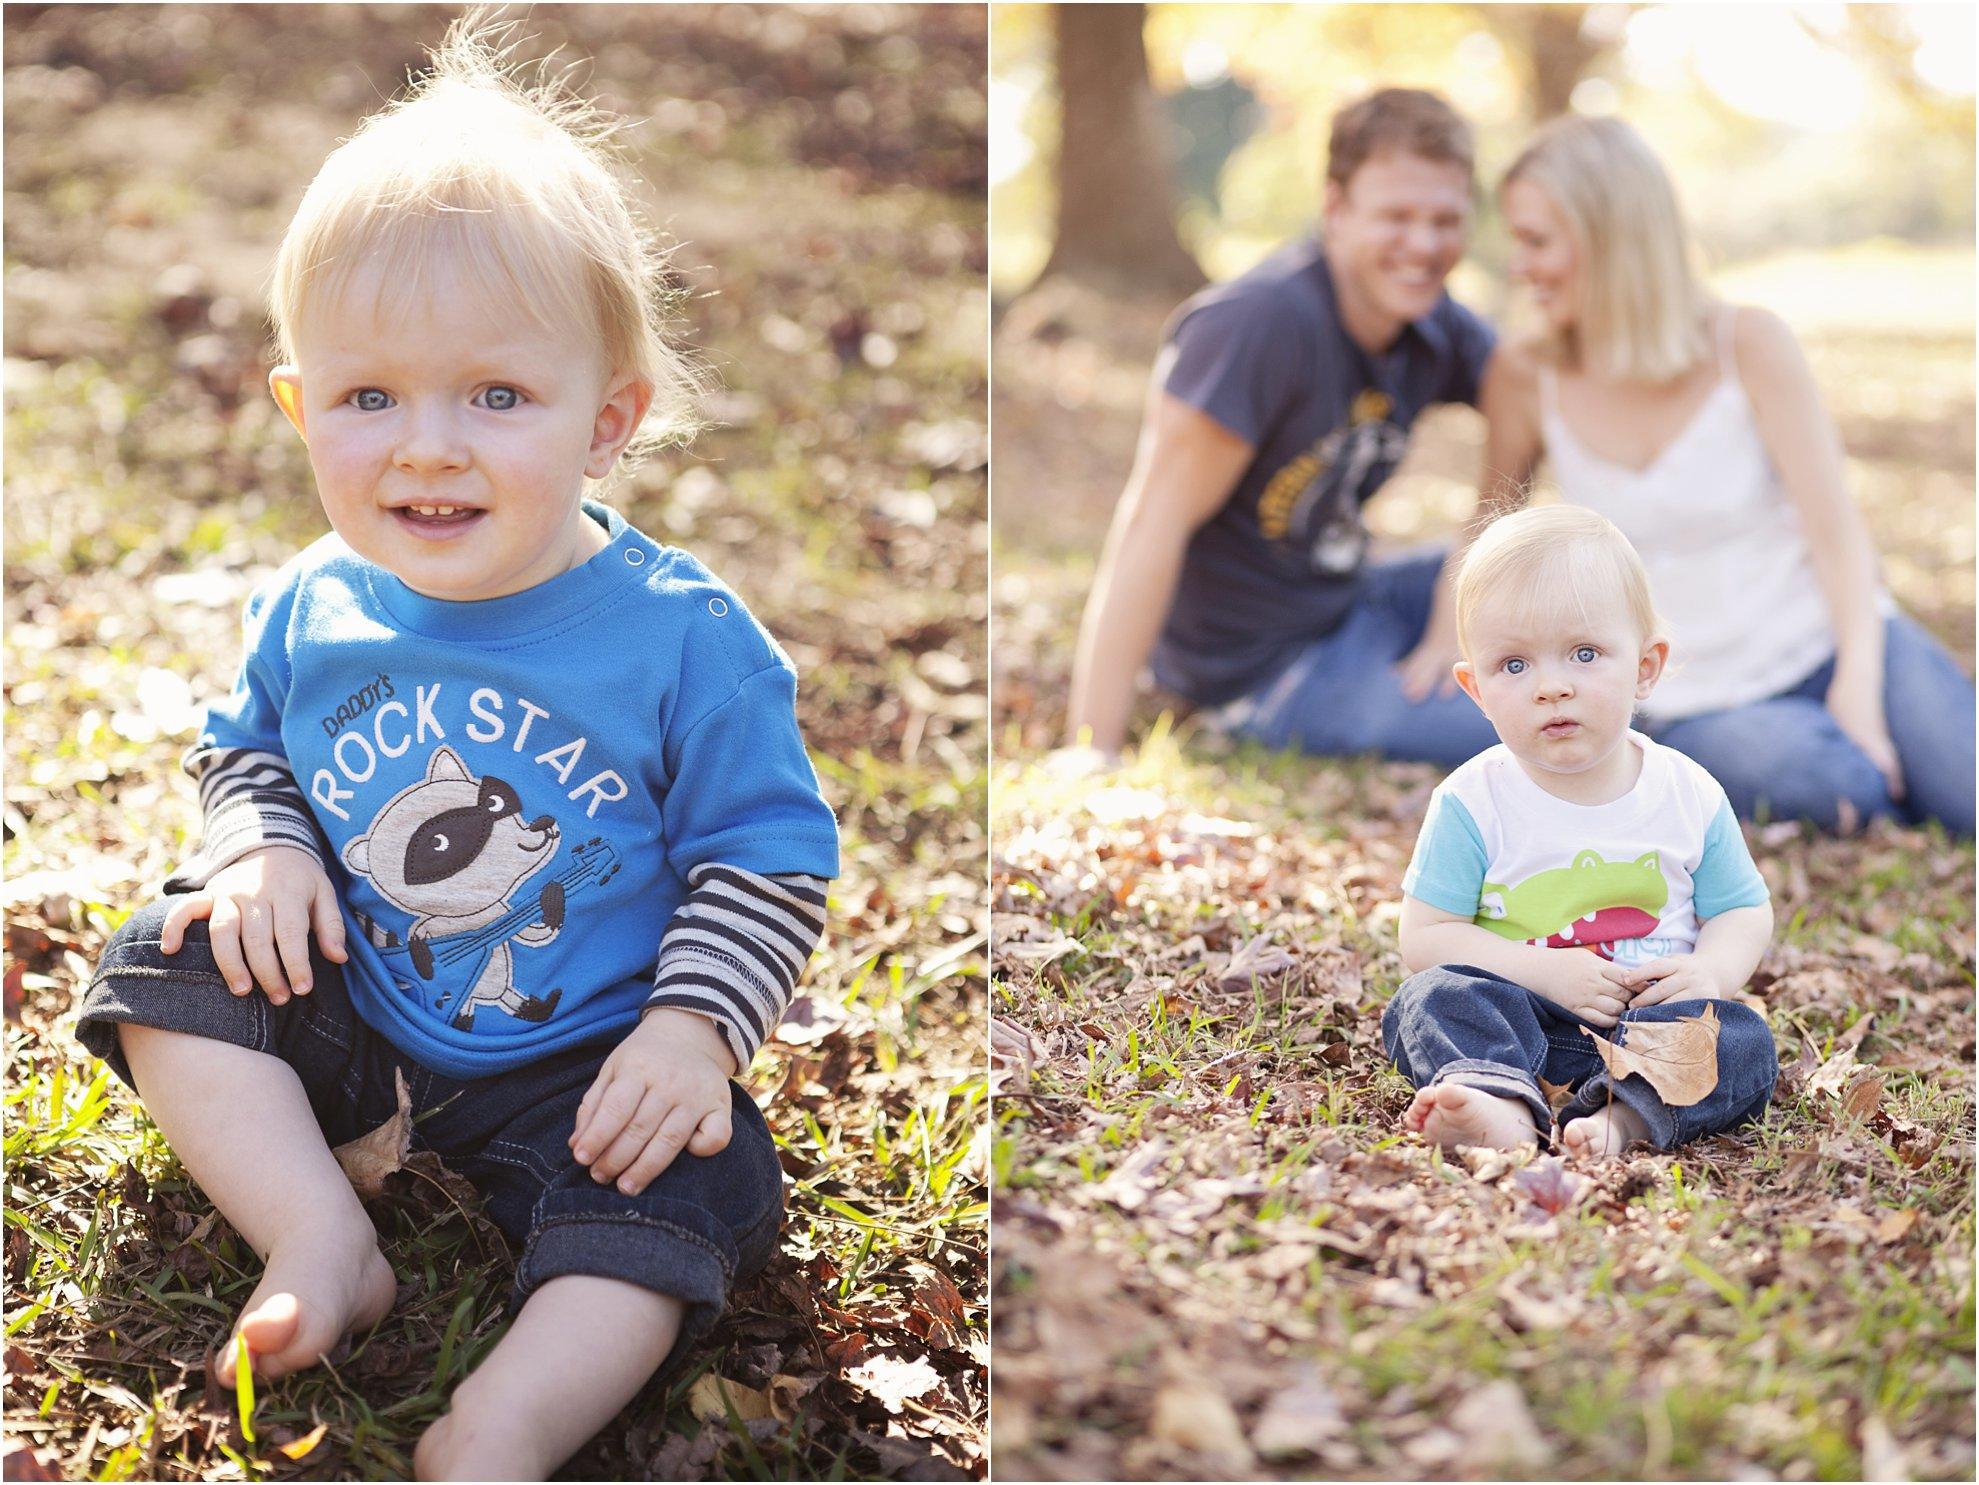 FIONA CLAIR PHOTOGRAPHY Bryan & Stacey Rennie 06 06 2013_0350